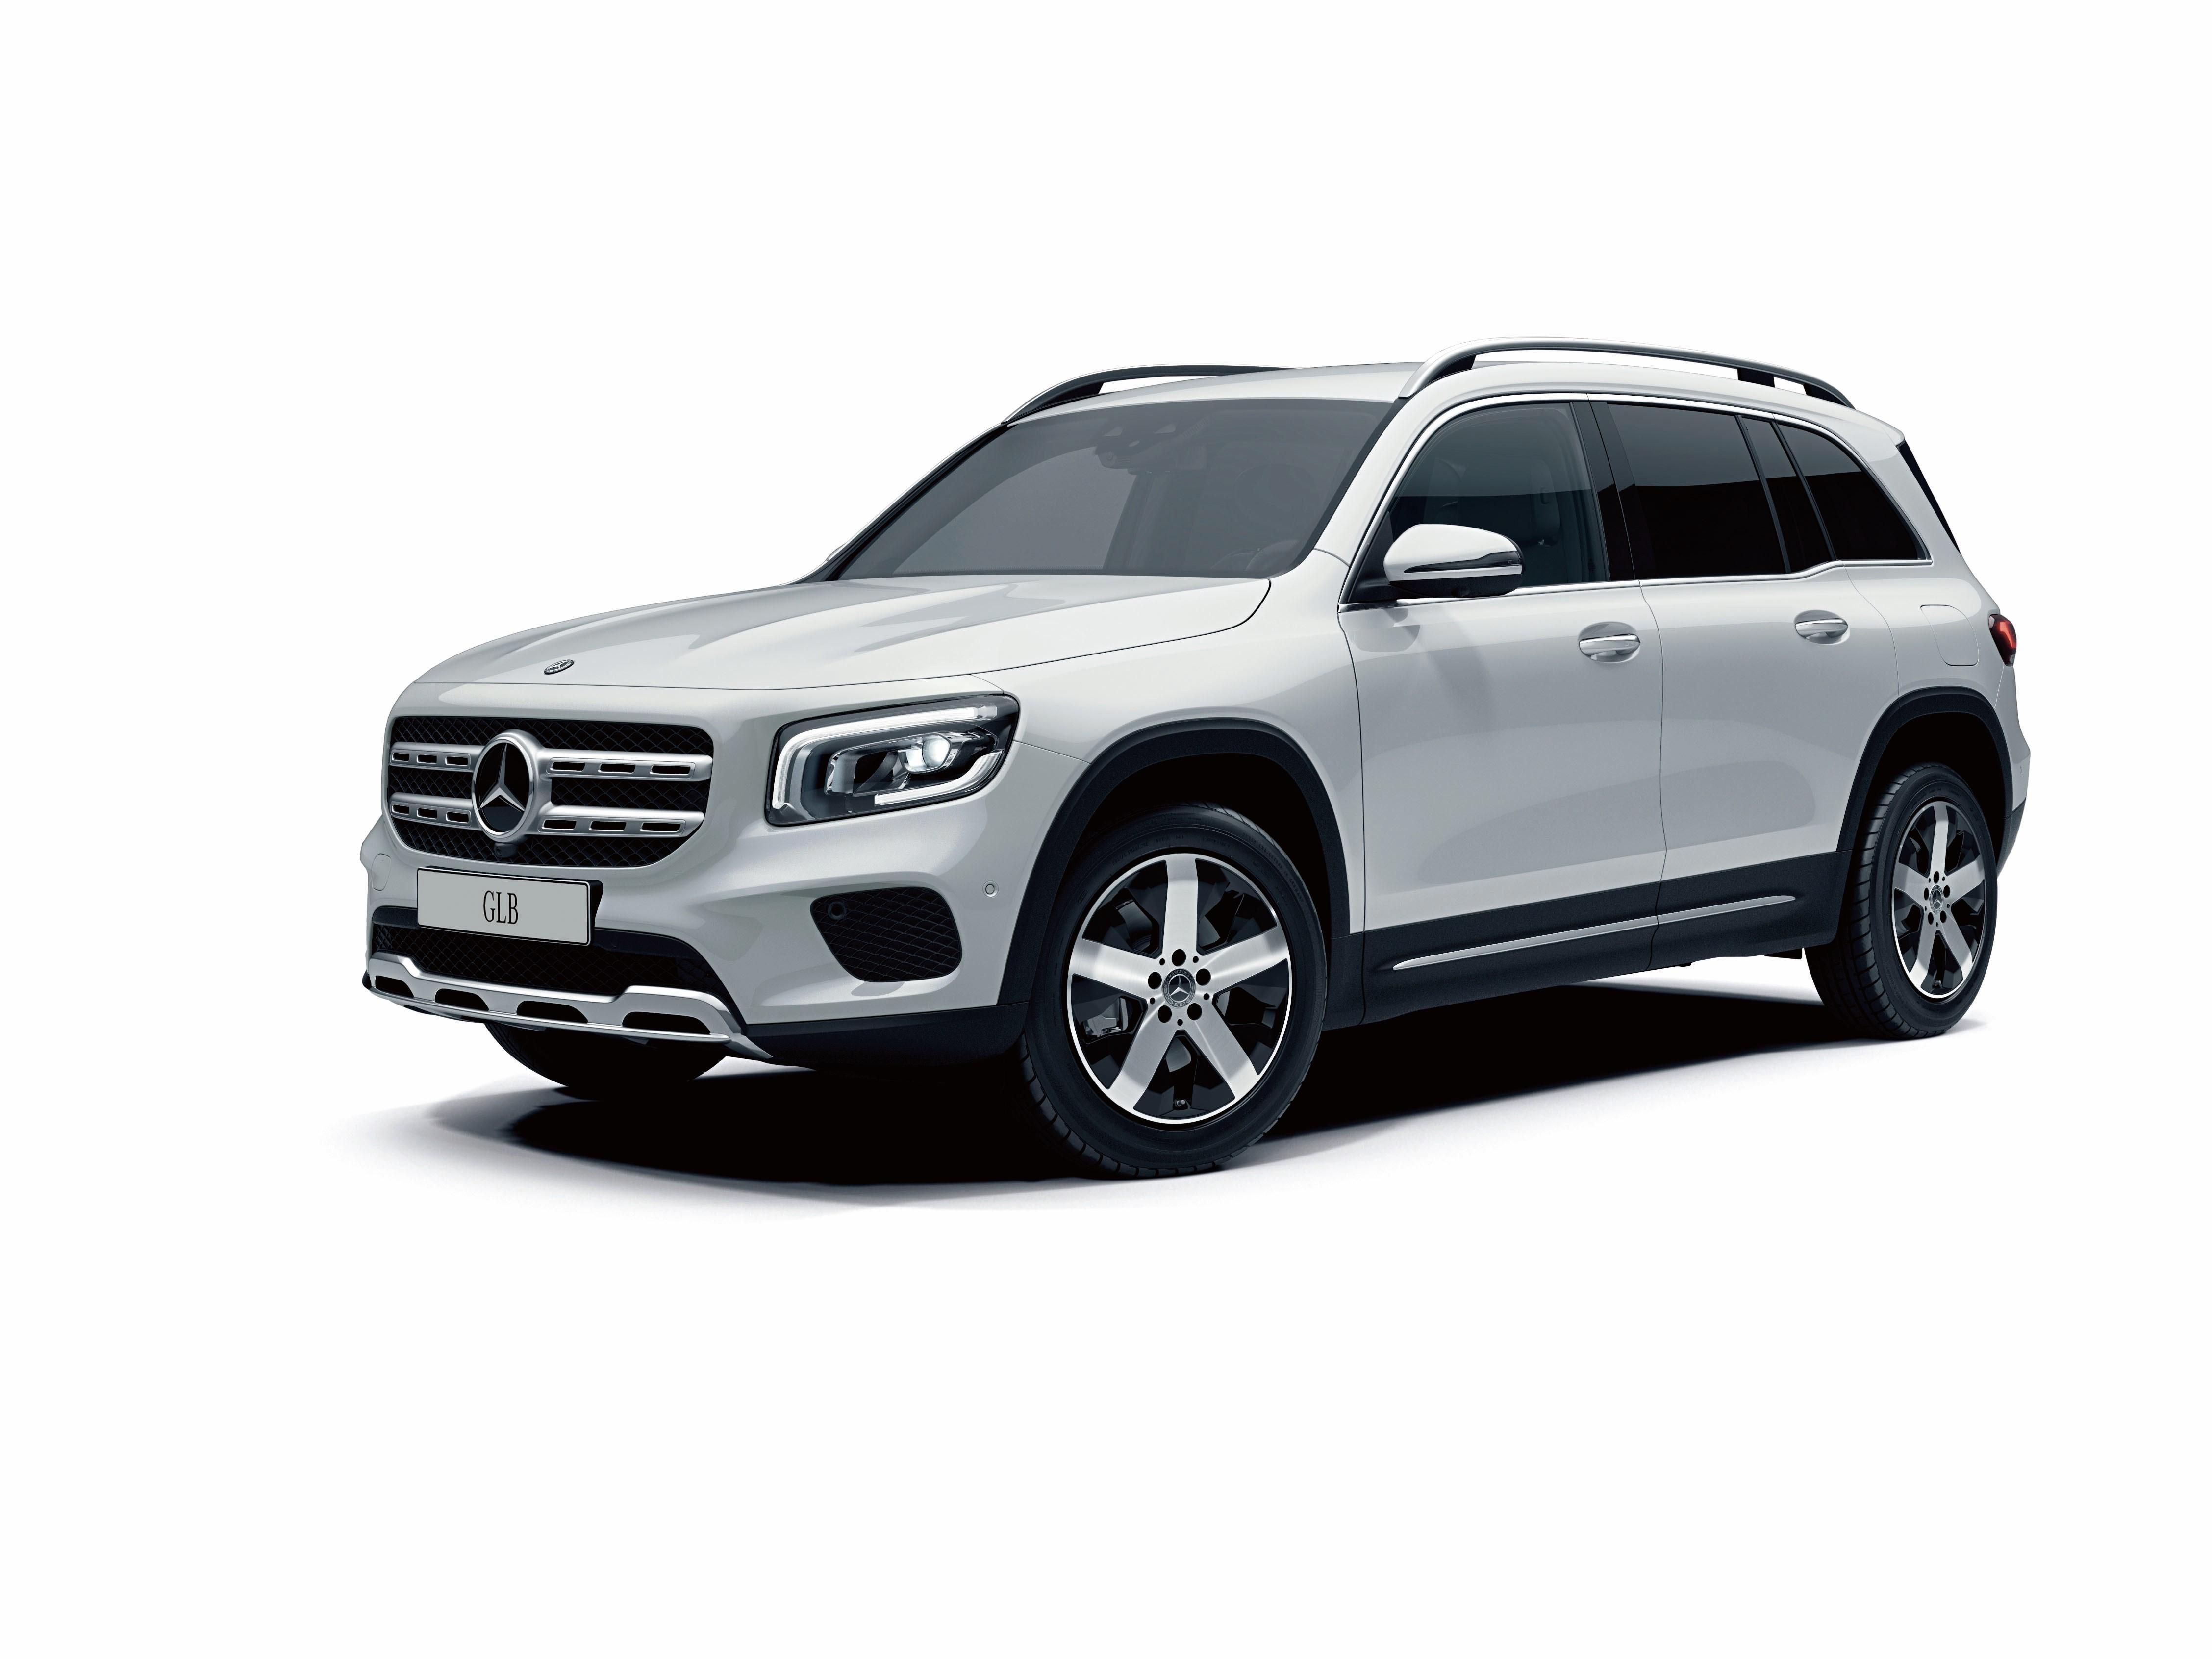 輸入車の販売台数が3月はプラスに好転、アウディやフランス勢が好調。VWの落ち込みは止まるか?